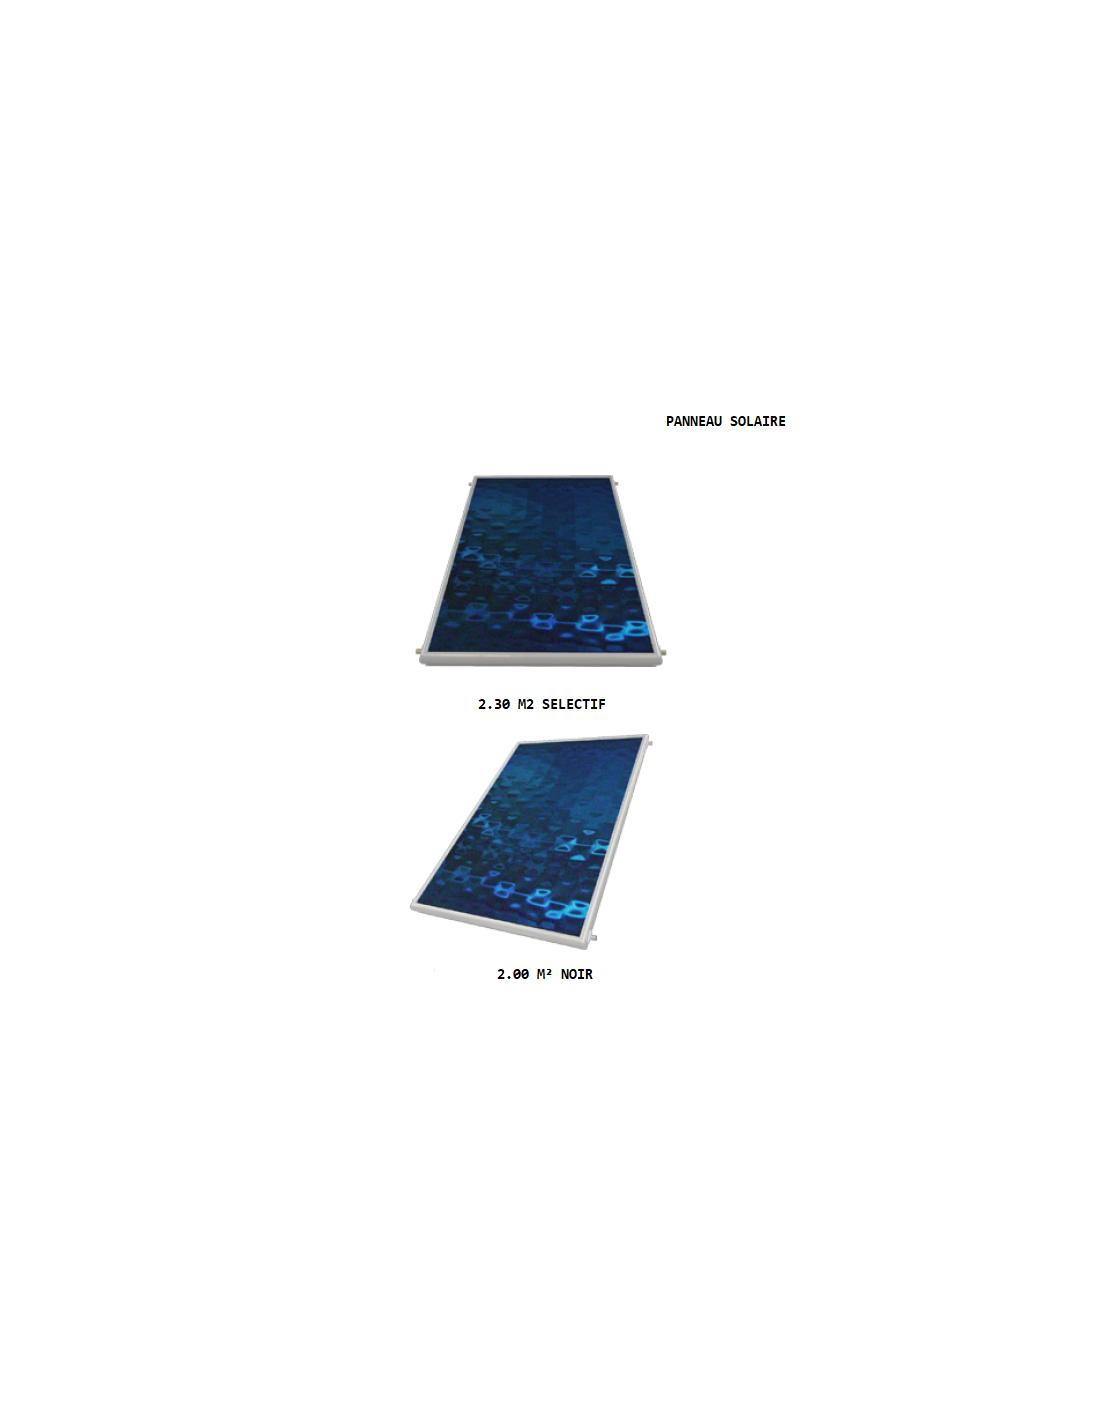 PANNEAU SOLAIRE 2.30 M2 SELECTIF / 2.00 M² NOIR